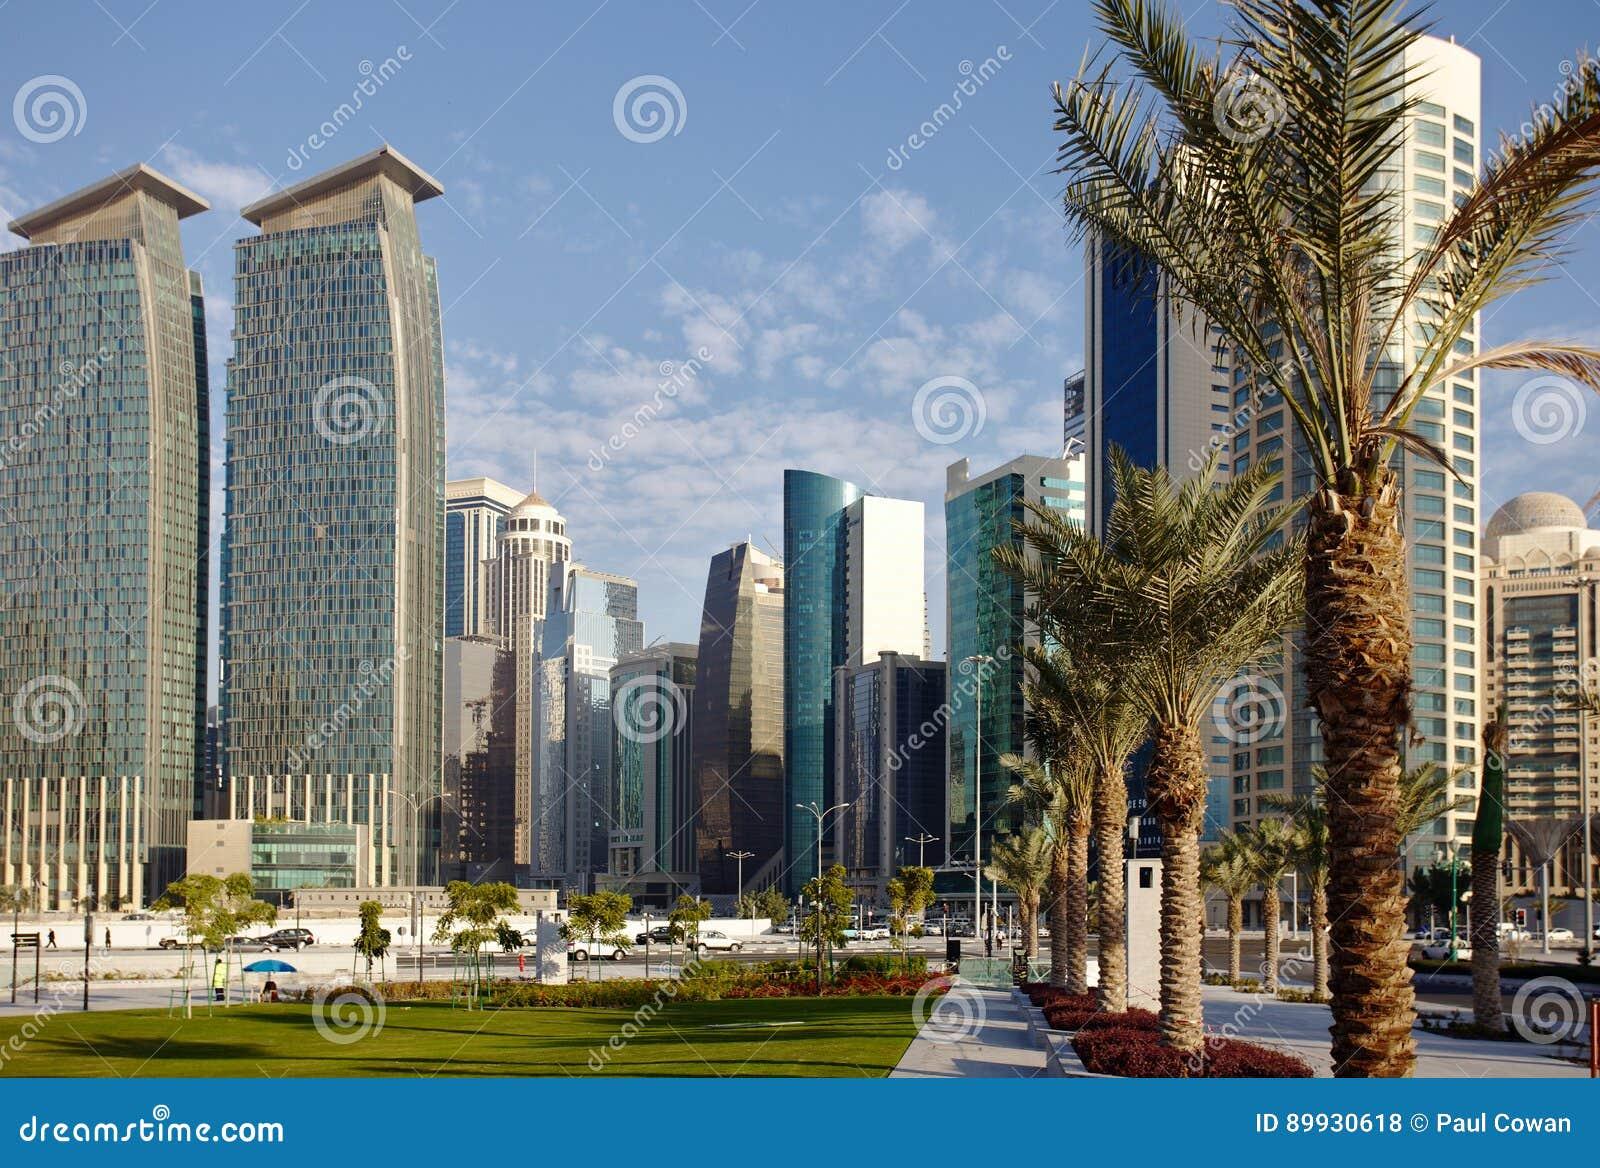 dating steder i Doha dating site essay eksempler